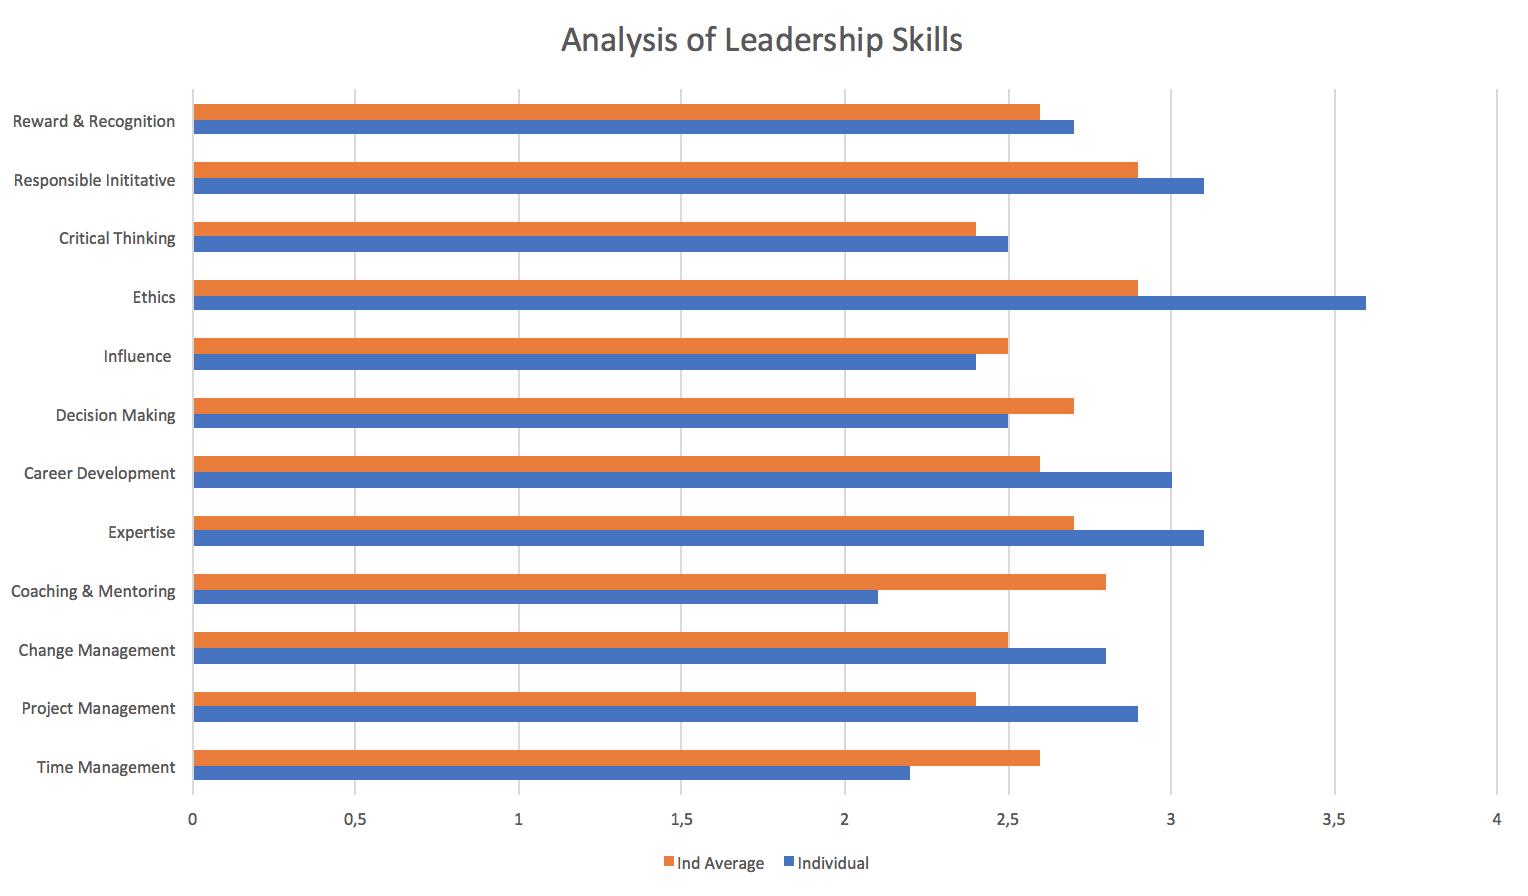 analysis of leadership skills